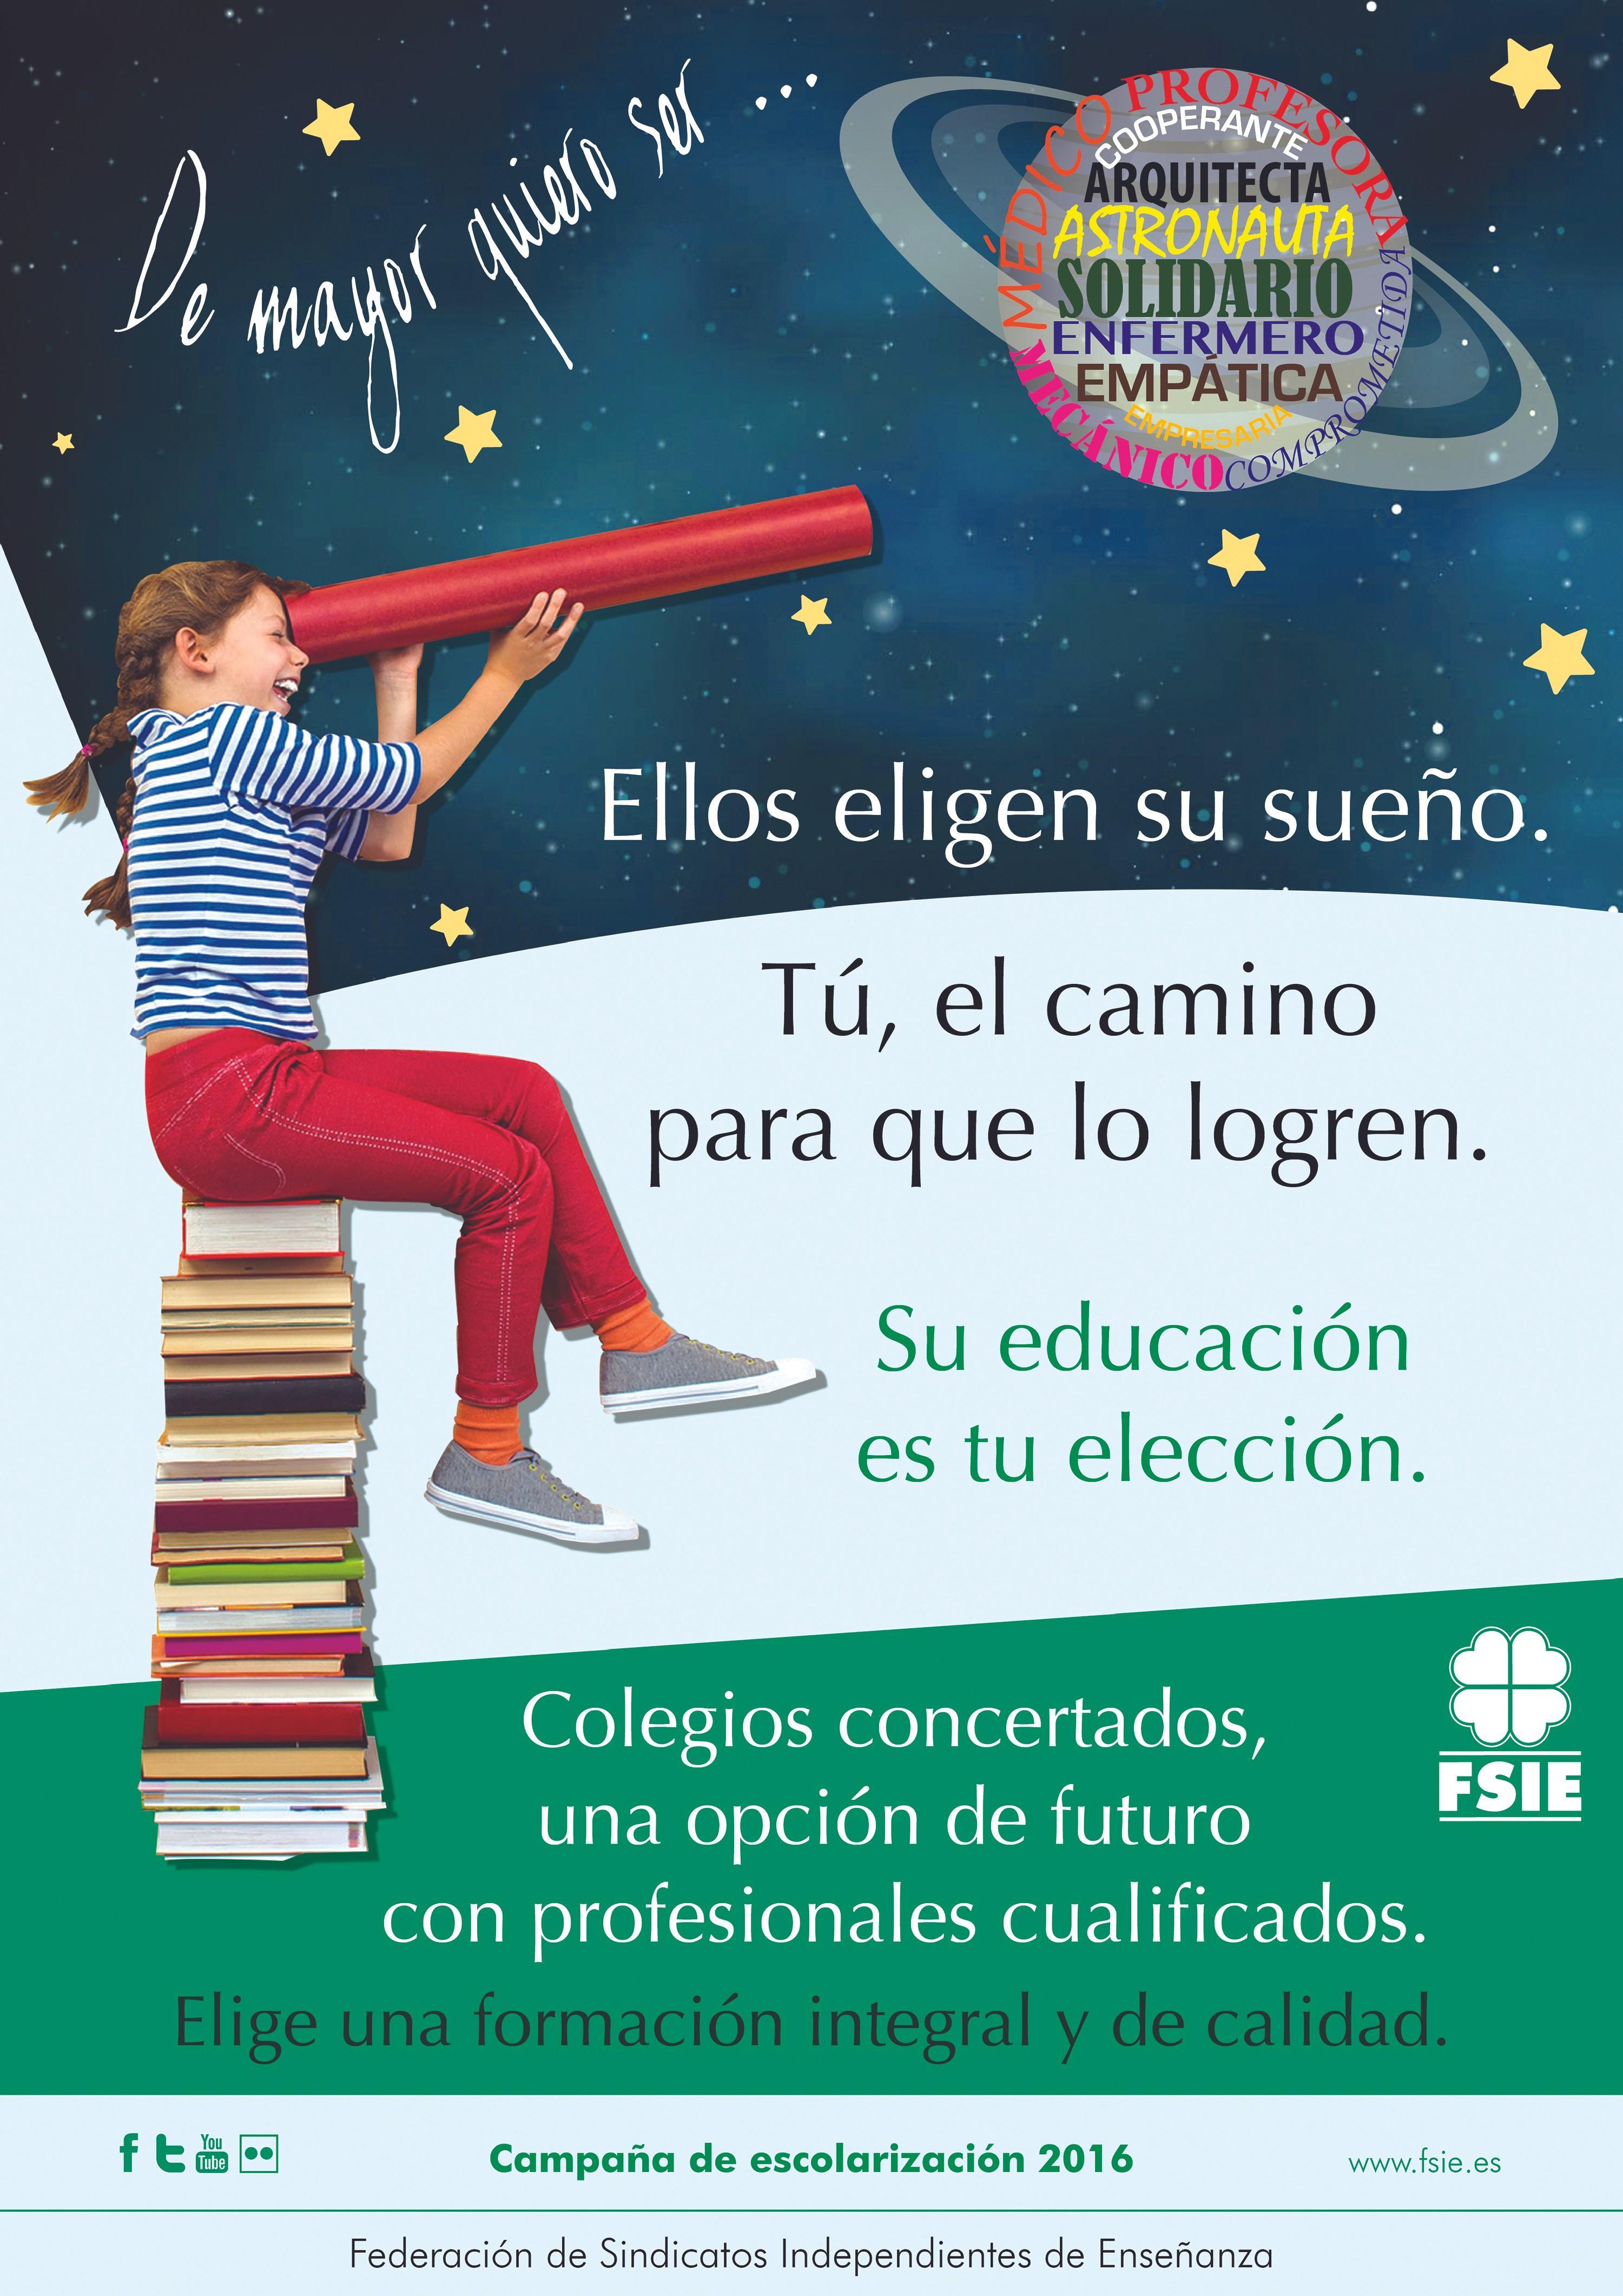 Campaña de la Federación de Sindicatos Independientes de Enseñanza, 2016.